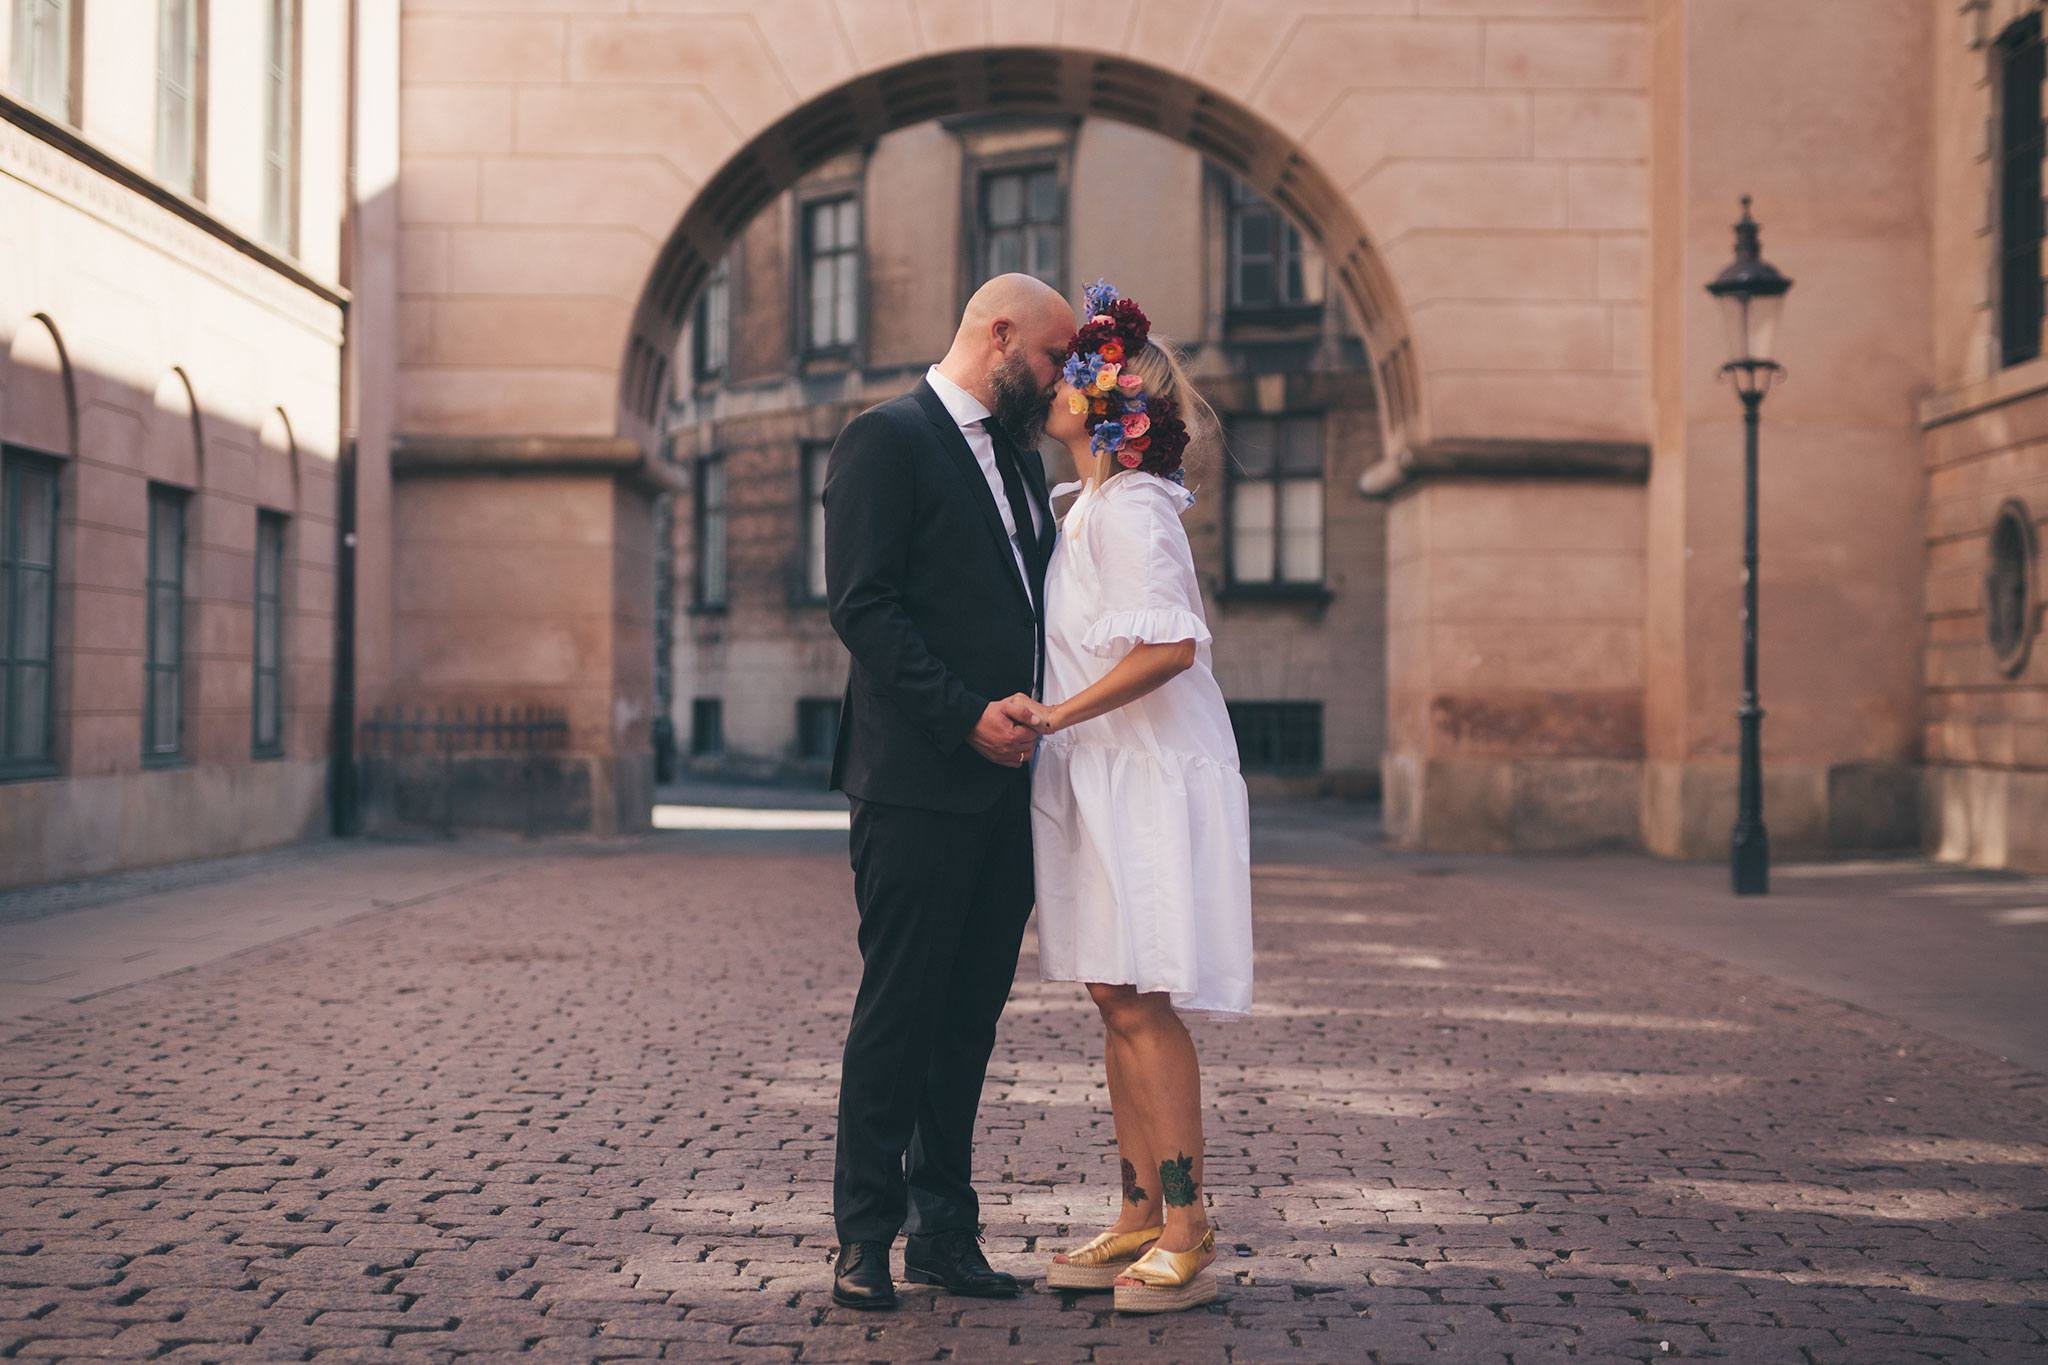 mads_eneqvist_weddings_by_me_bryllupsbilleder_forside_16 Forside